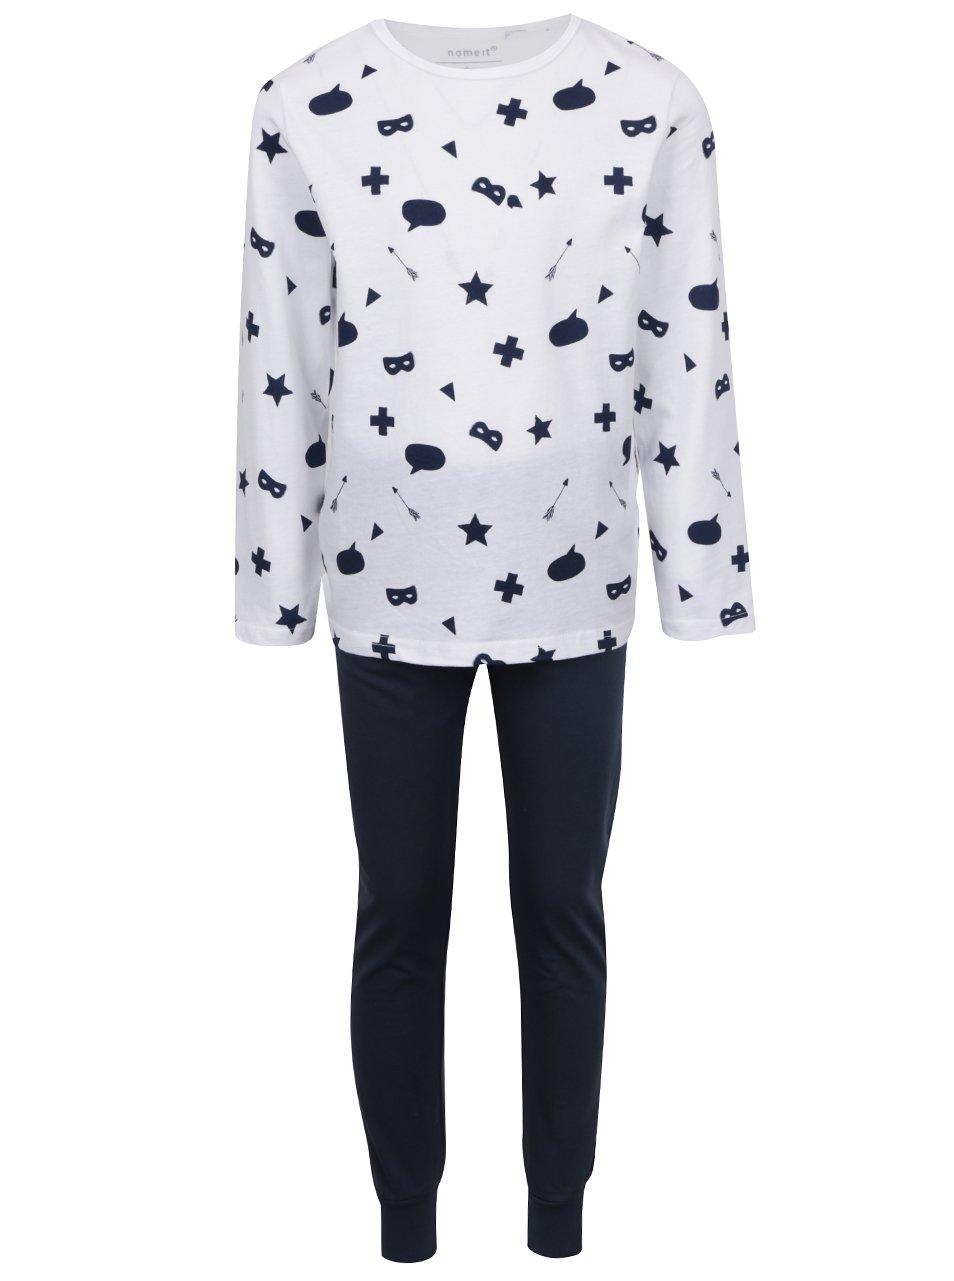 Bielo-modré chlapčenské vzorované pyžamo name it Night